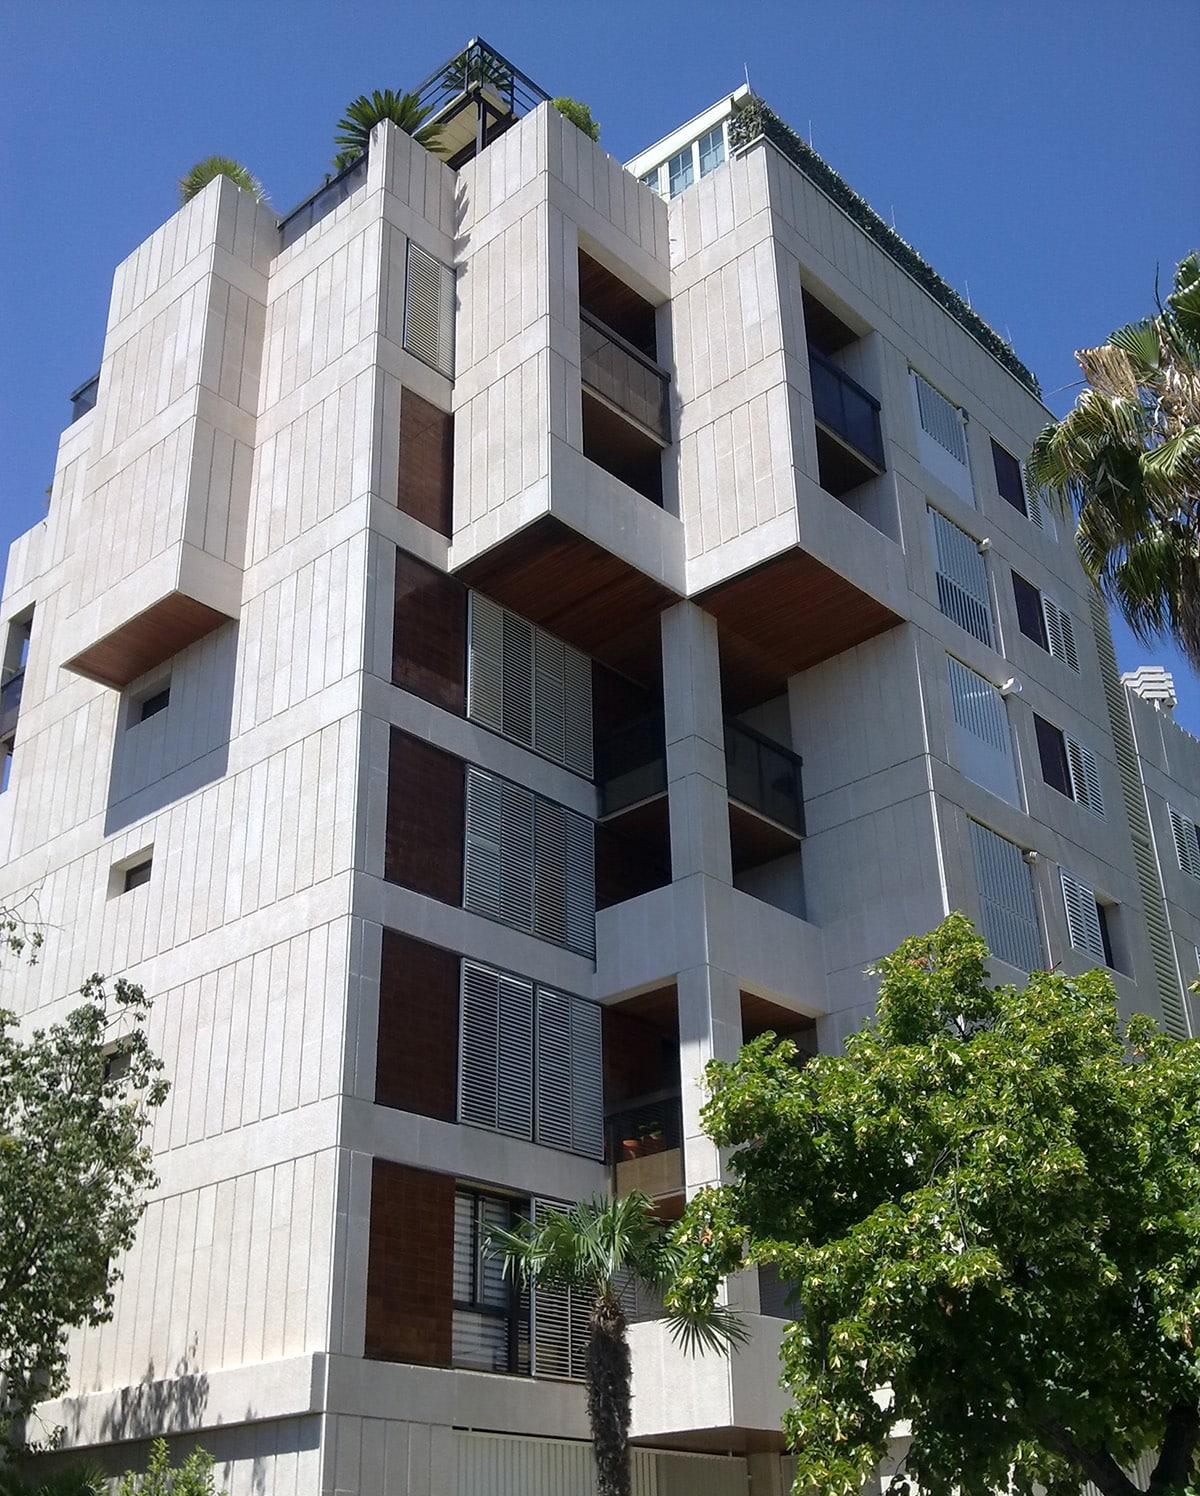 Fachadas de piedra artificial fachada enmarcada por resaltes verticales laterales zcalo de - Piedra artificial para fachadas ...